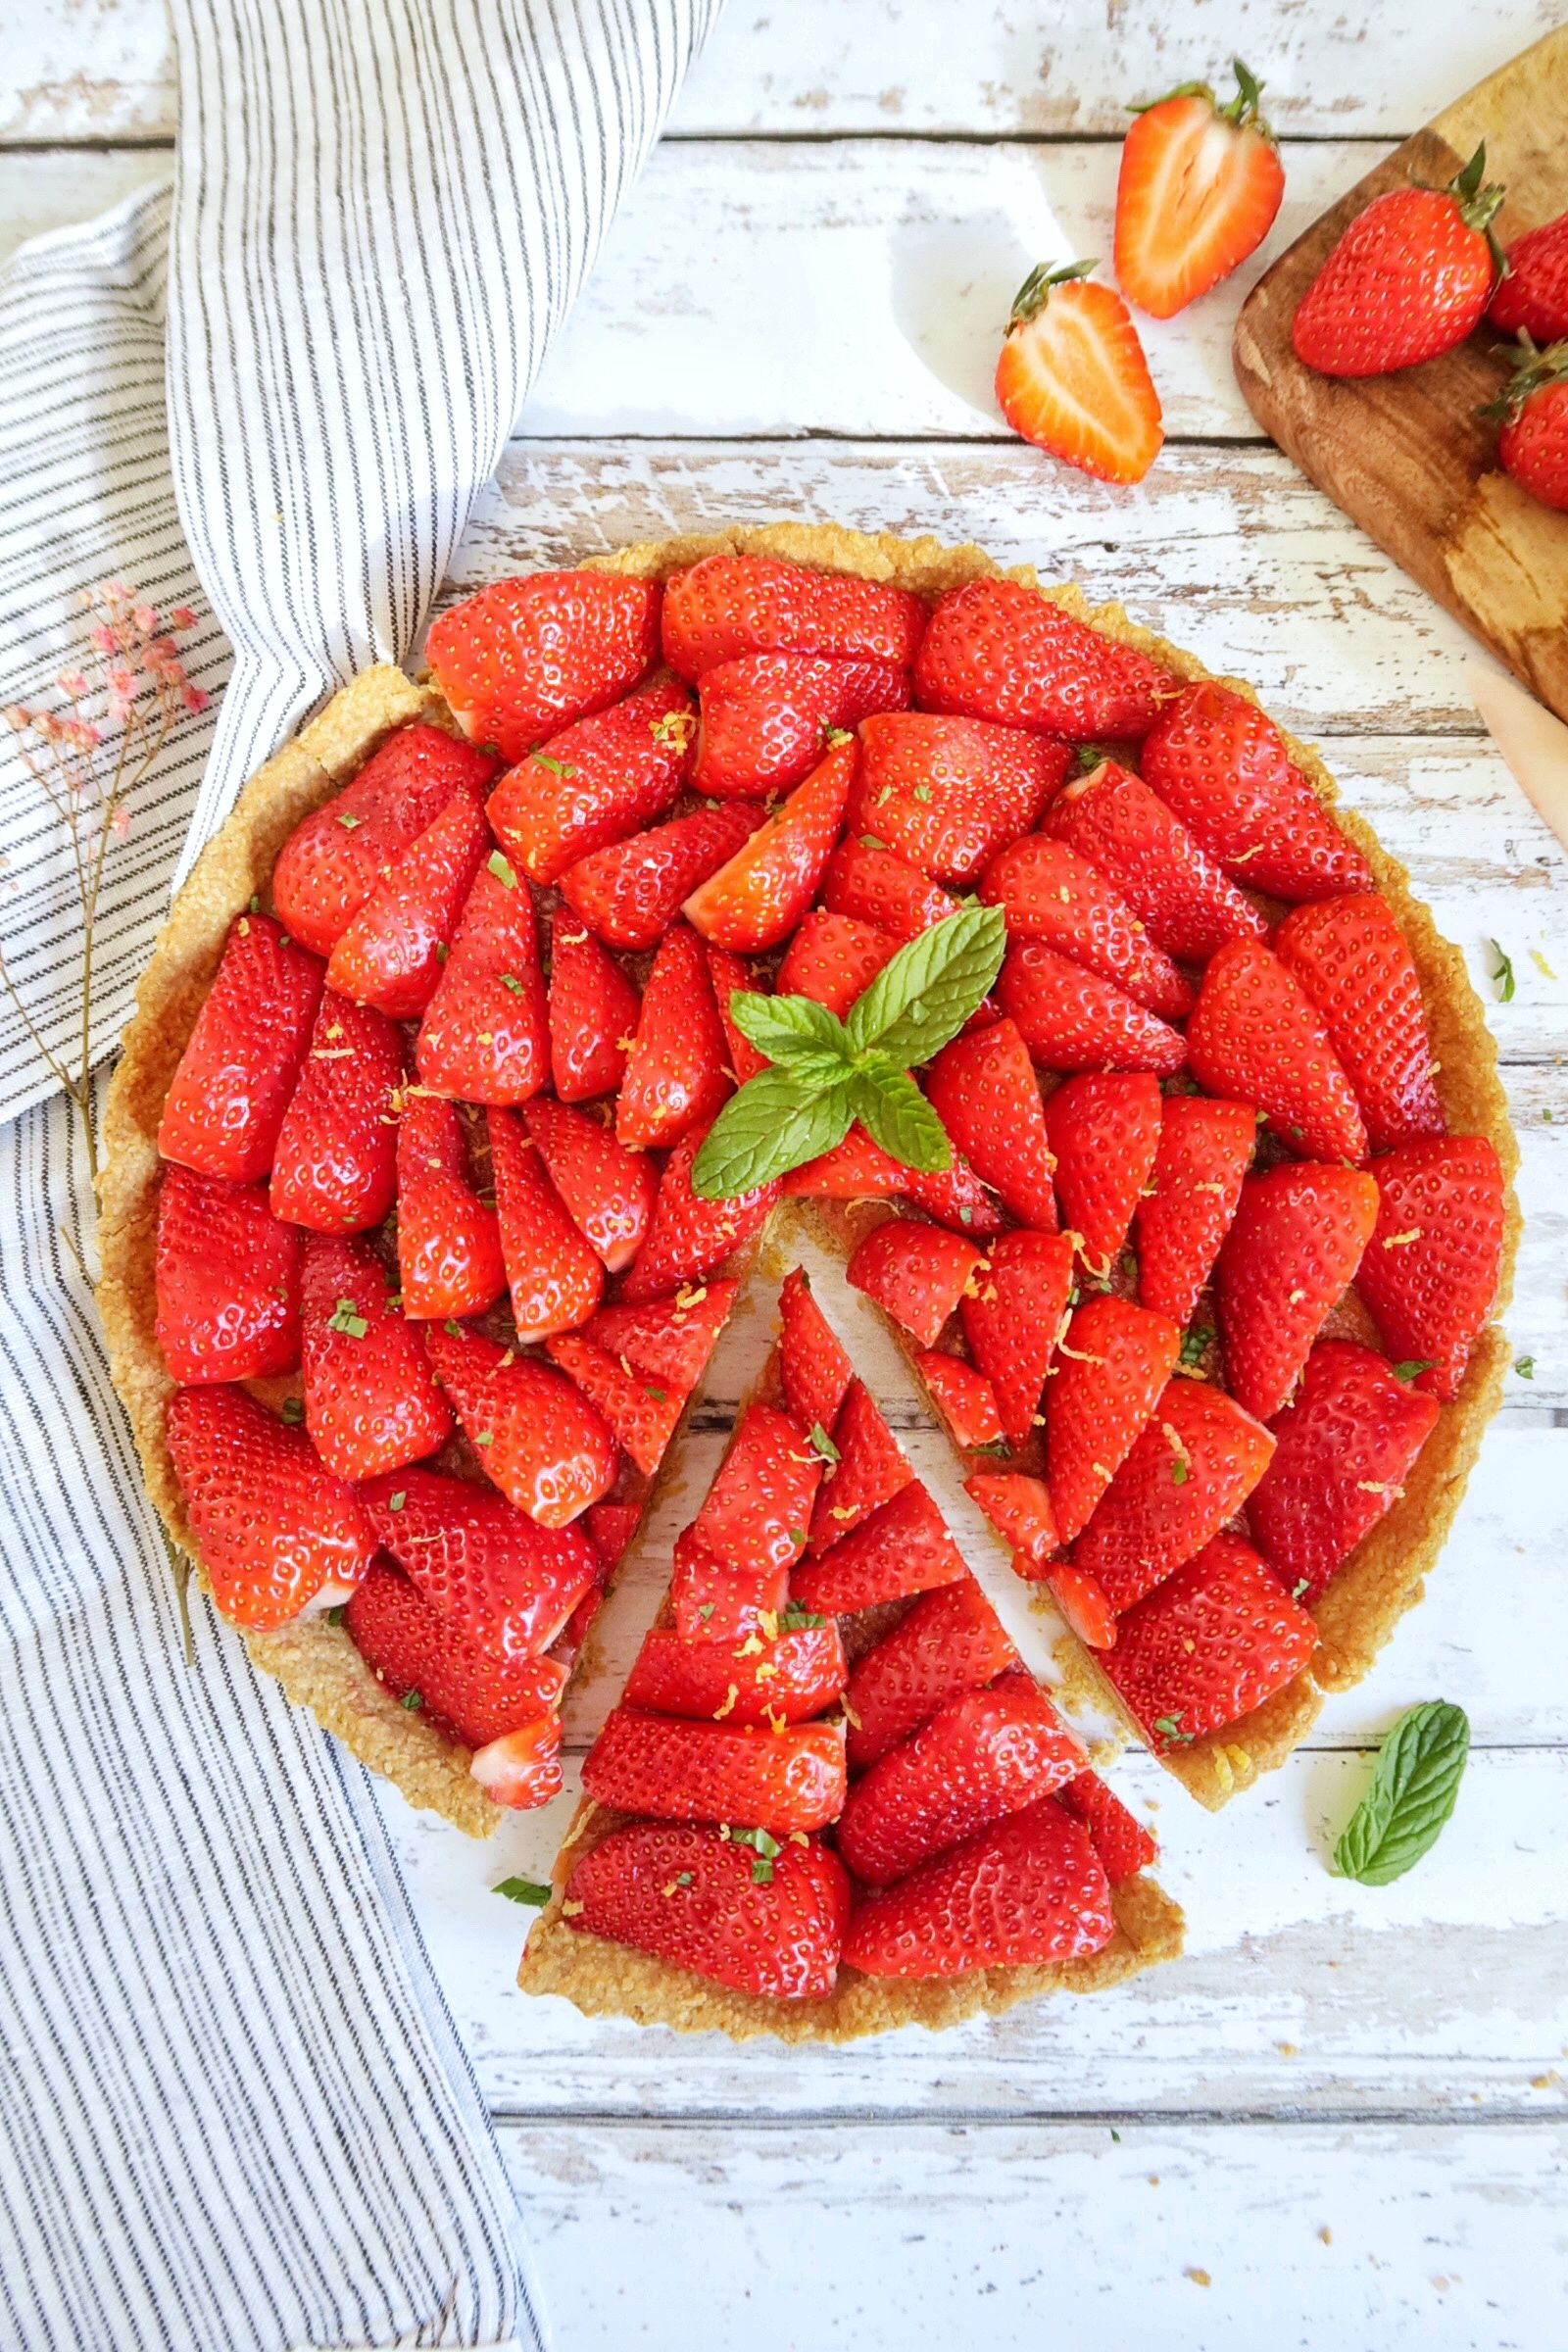 Une jolie tarte aux fraises pour se régaler des premières fraises du printemps. Avec une pâte à tarte sans gluten (aux flocons d'avoine), une crème frangipane et une légère couche de confiture de citron qui amènera un peu de pep's et d'acidité à notre tarte.